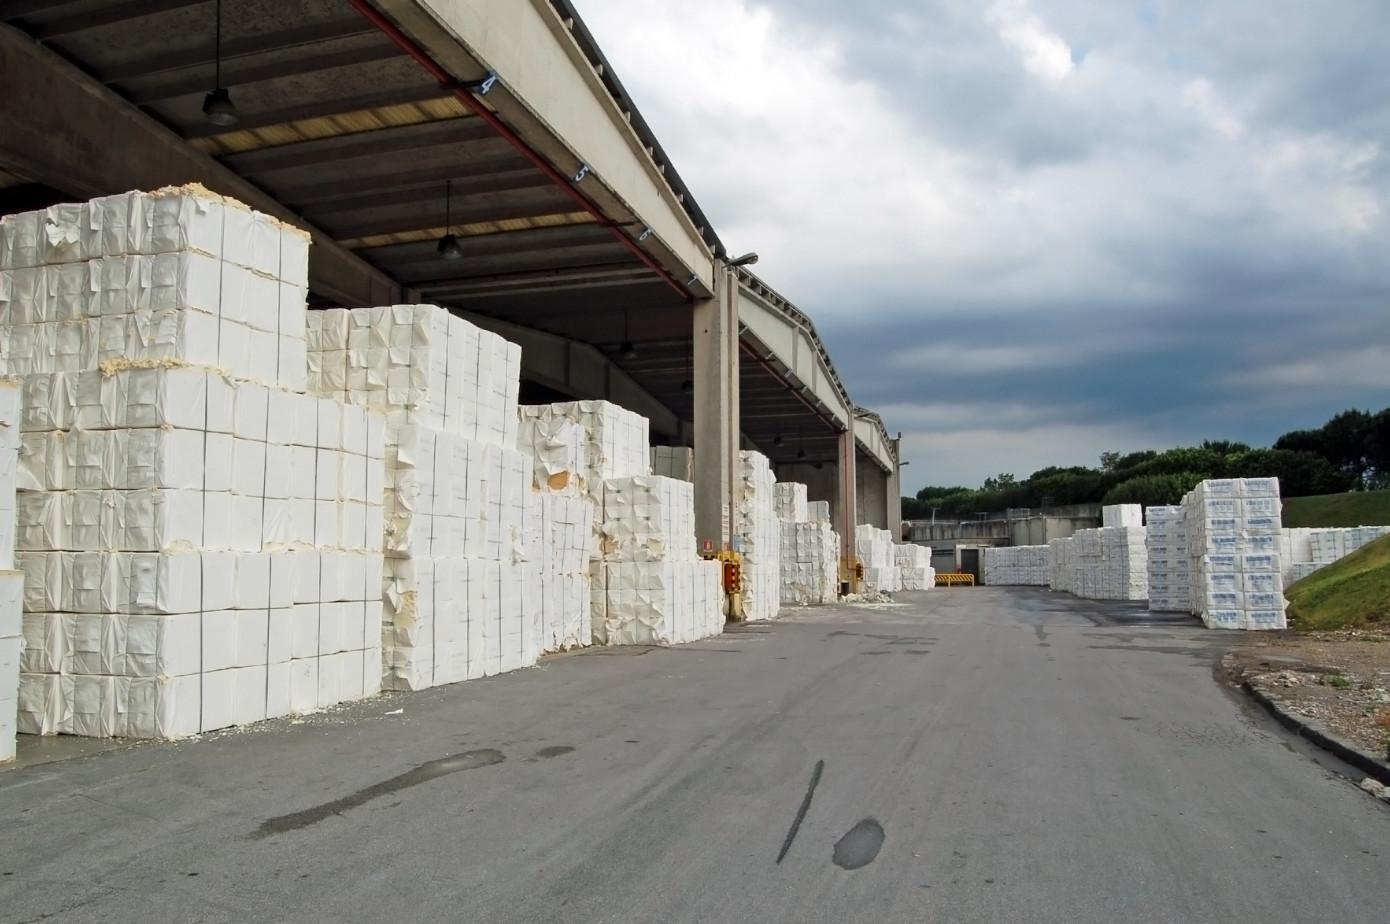 В августе 2021 г. цена экспорта хвойной беленой сульфатной целлюлозы из Чили увеличилась на 146,2%